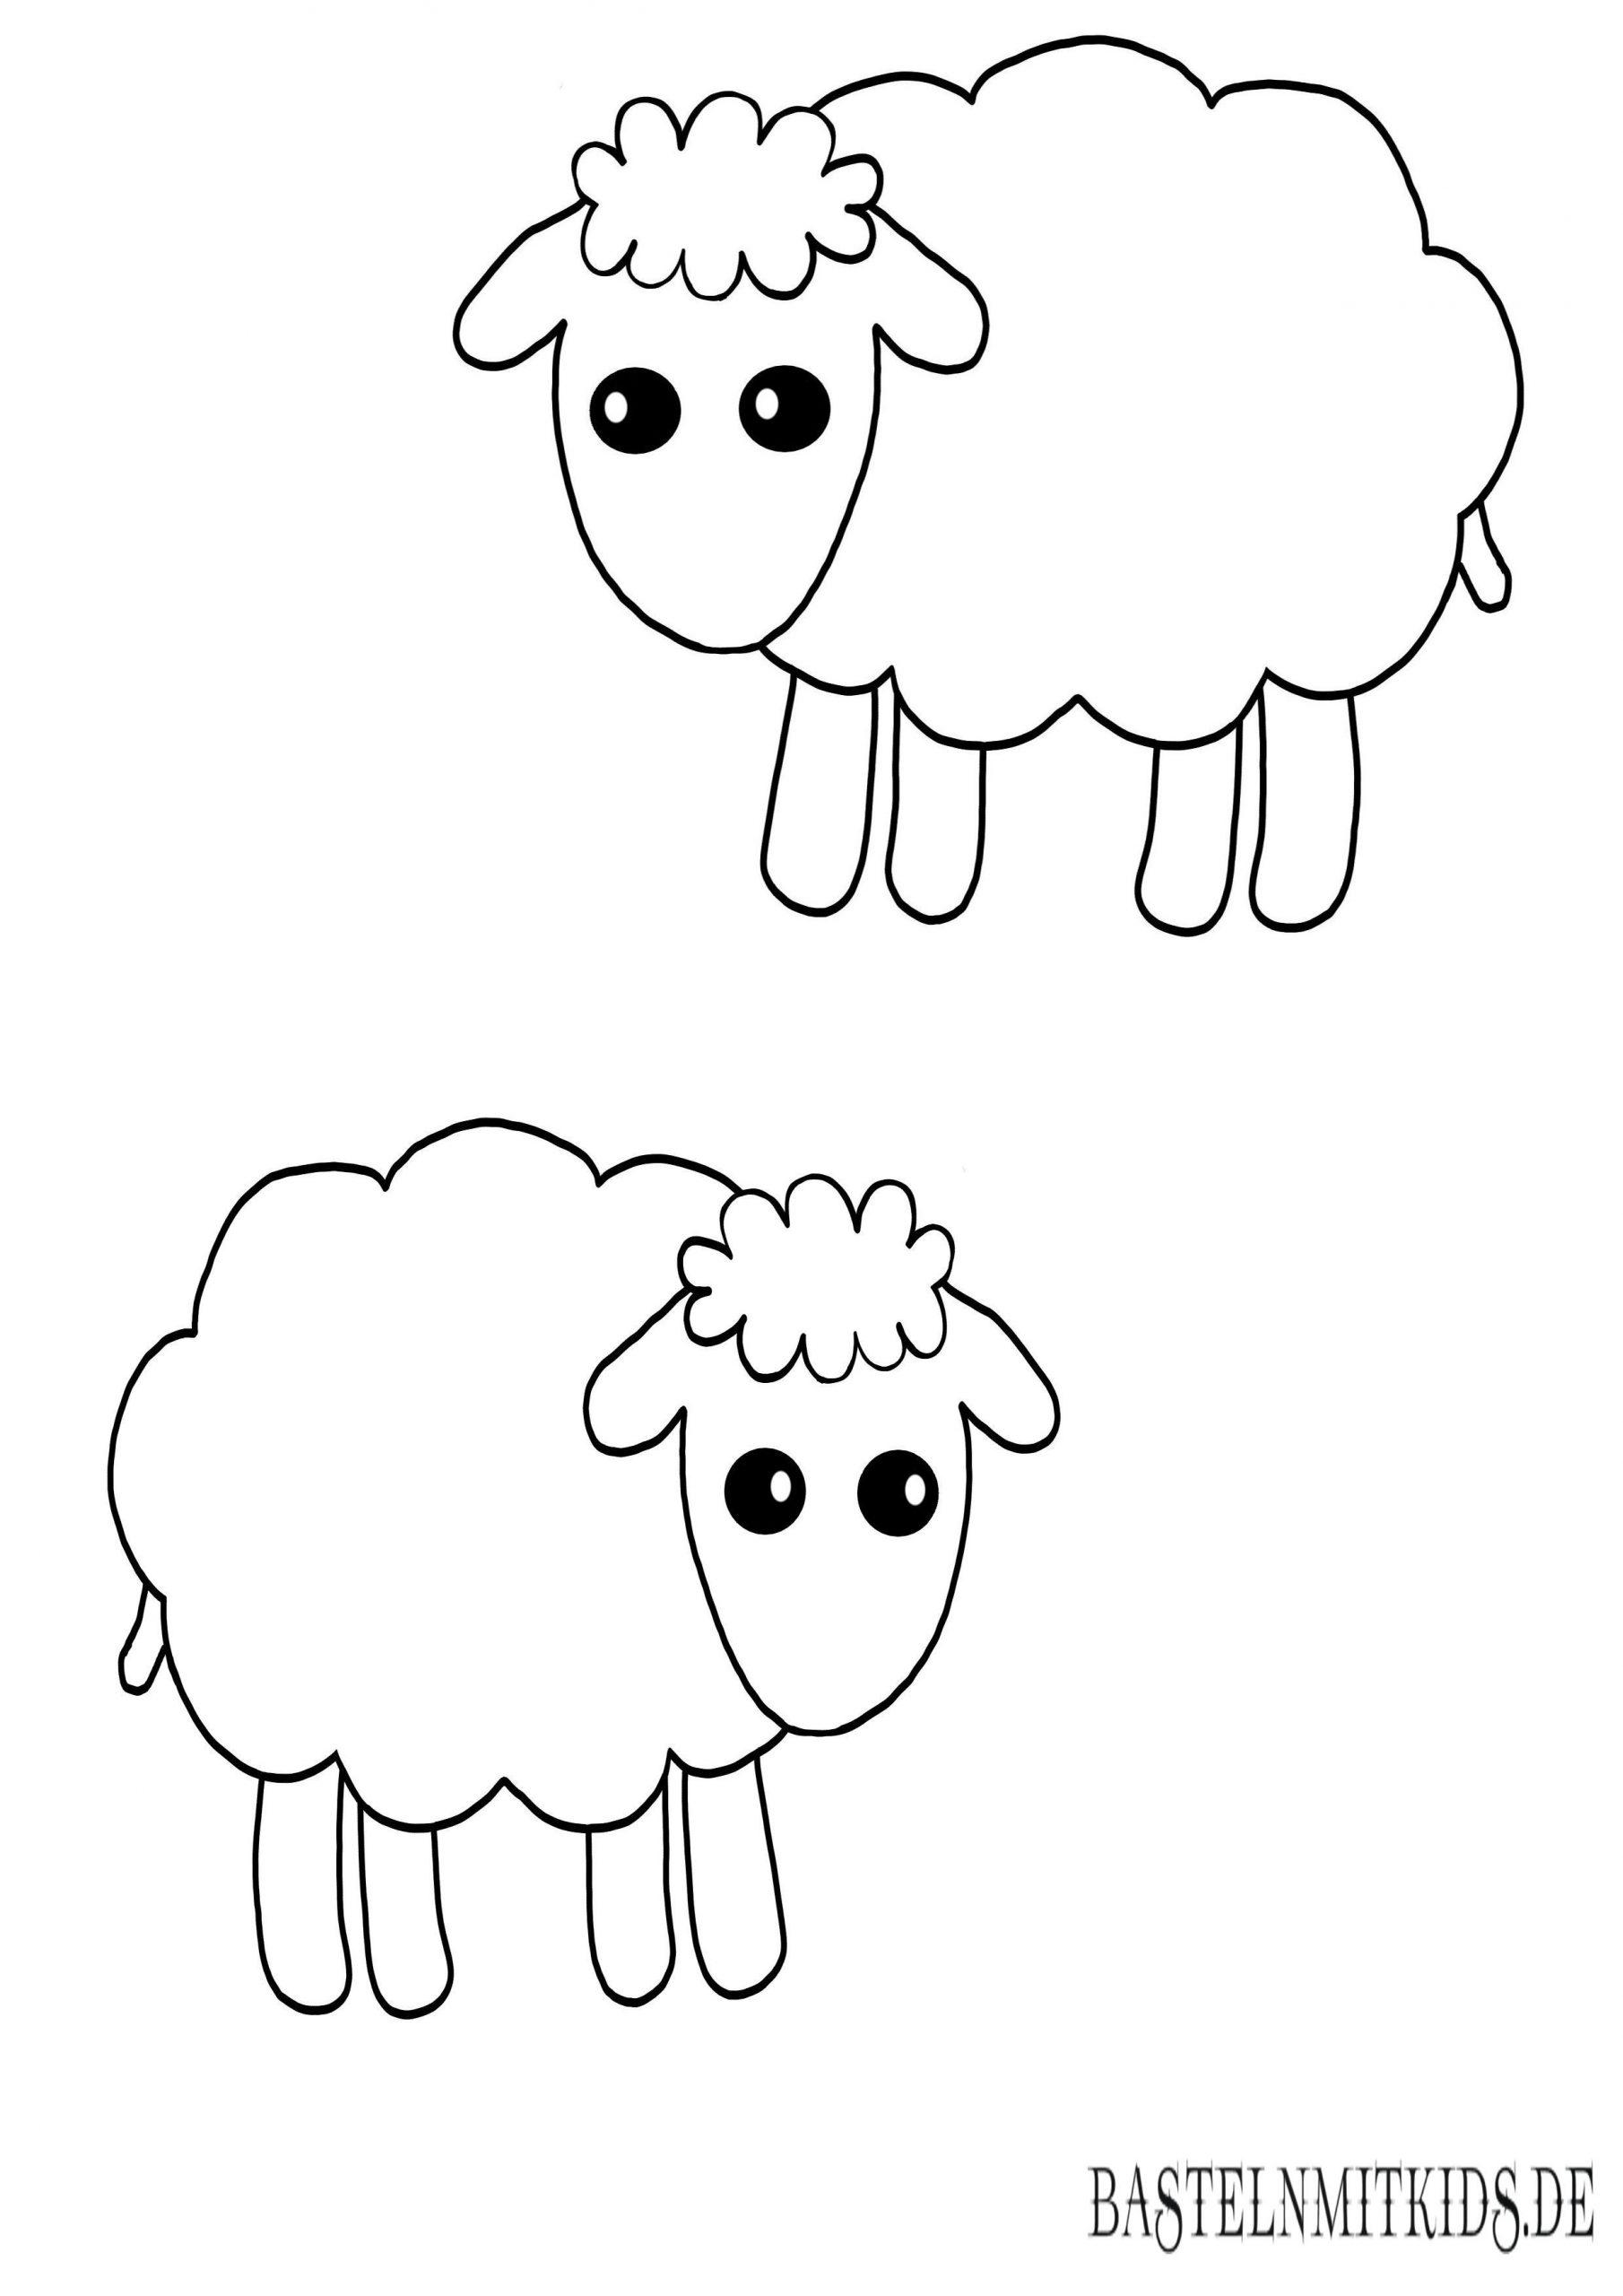 Malvorlagen Und Briefpapier Gratis Zum Drucken - Basteln Mit über Schaf Malen